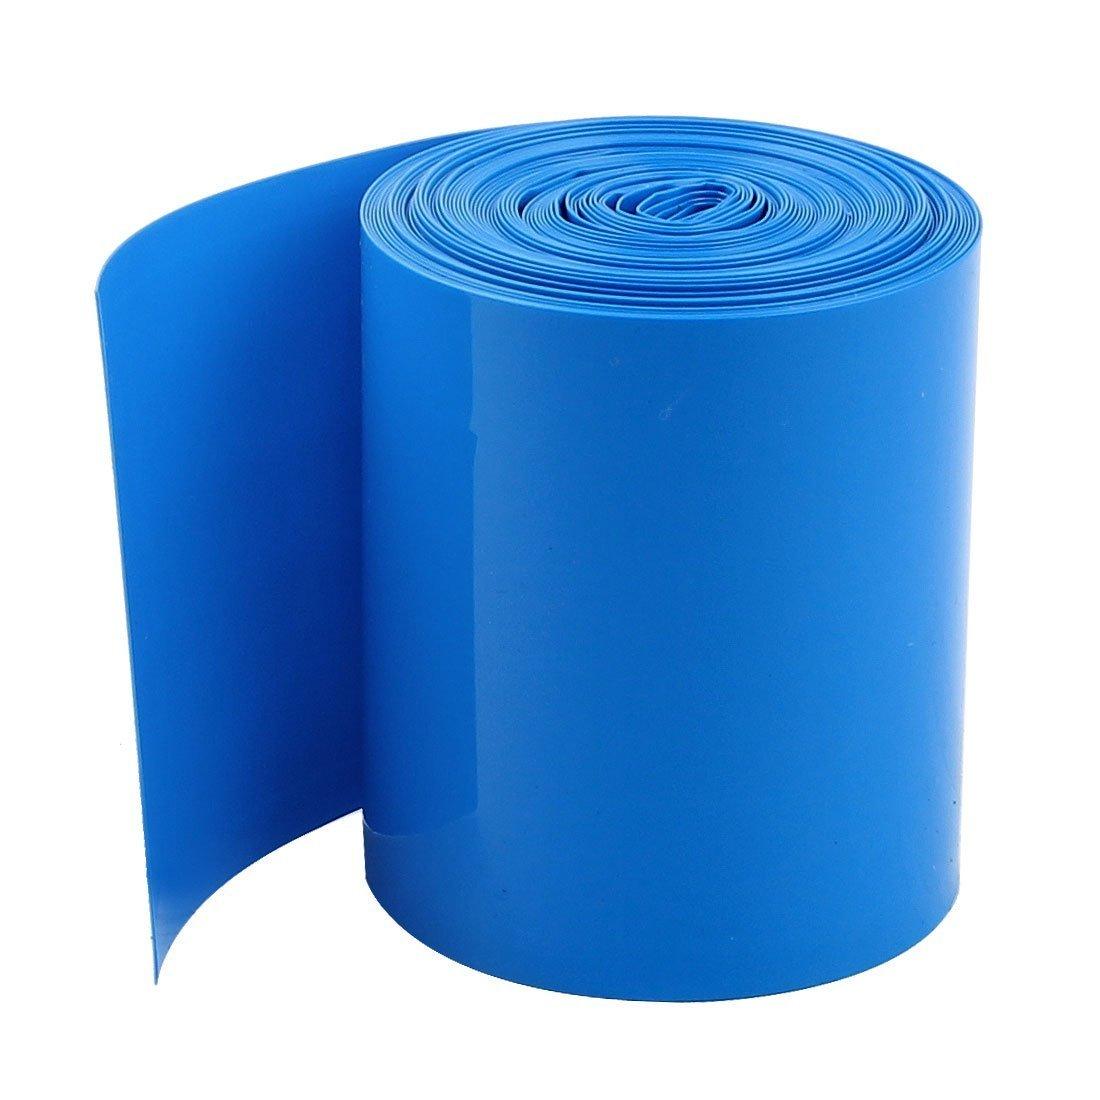 SODIAL(R) 5Meters 50mm Breite PVC Schrumpfschlauch Umwickeln Blau fuer 2 x 18650 Batterie